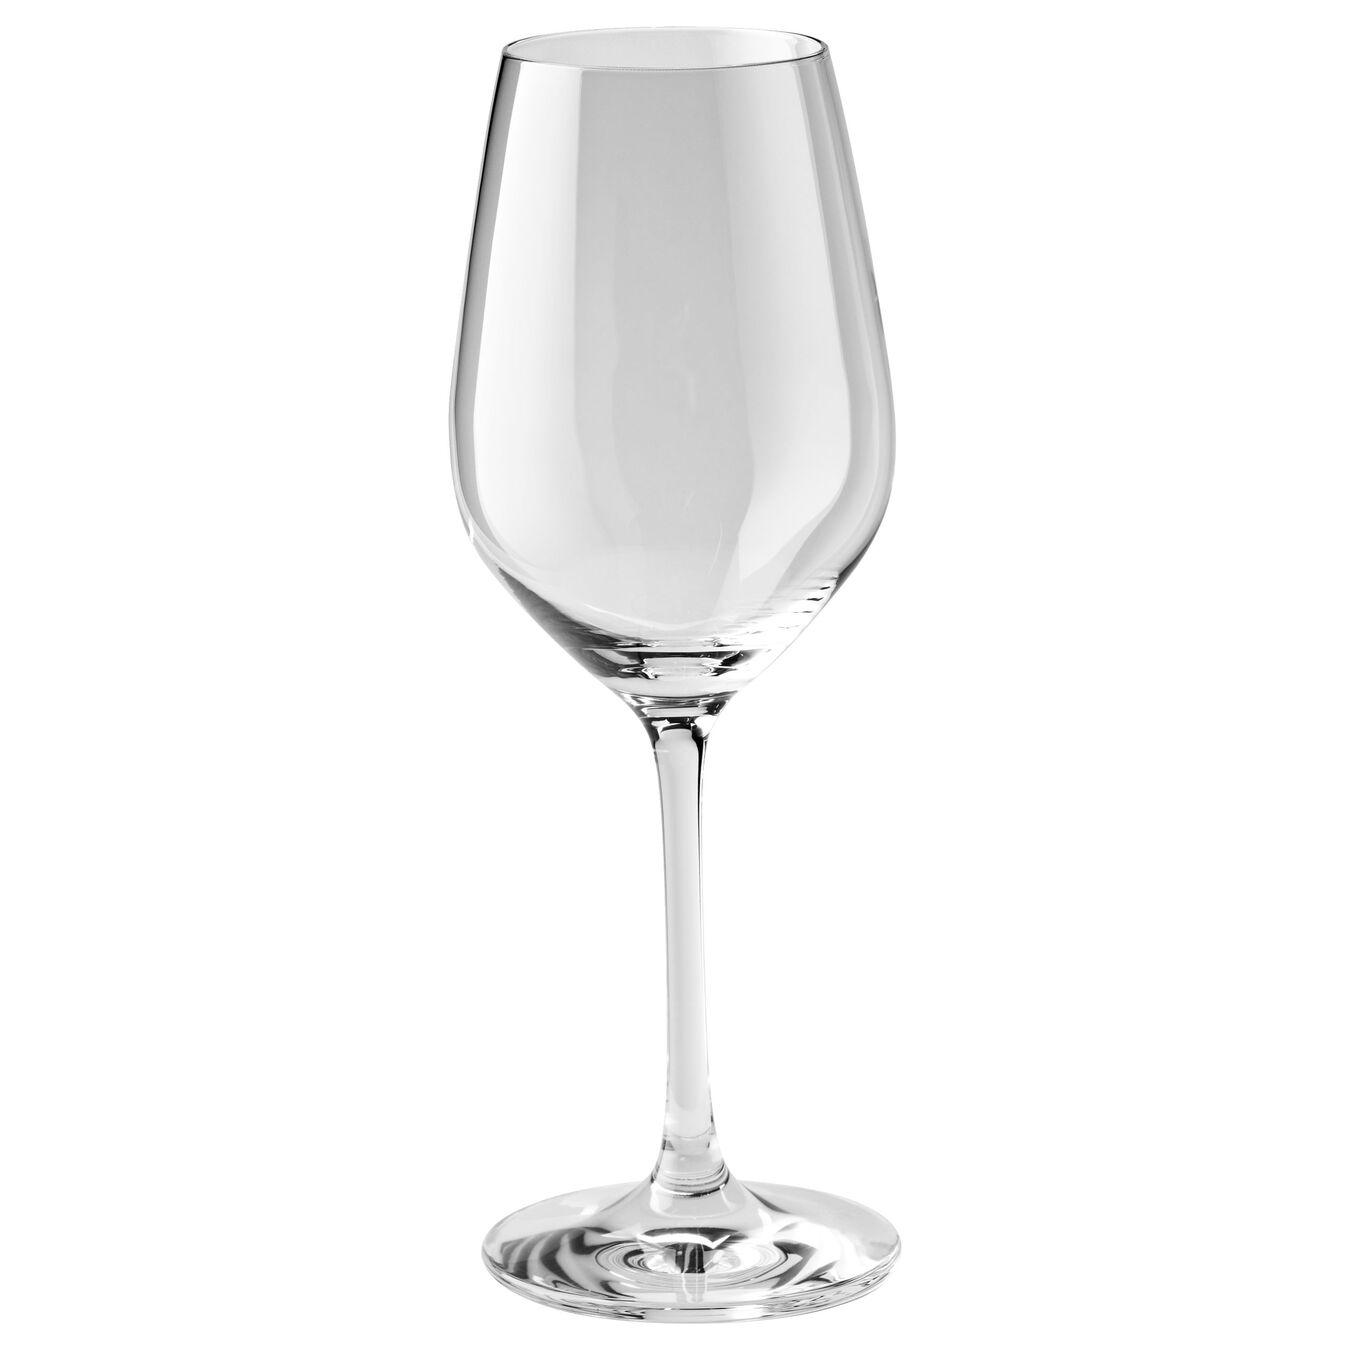 Tazza di vino bianco - 280 ml, vetro cristallino,,large 2